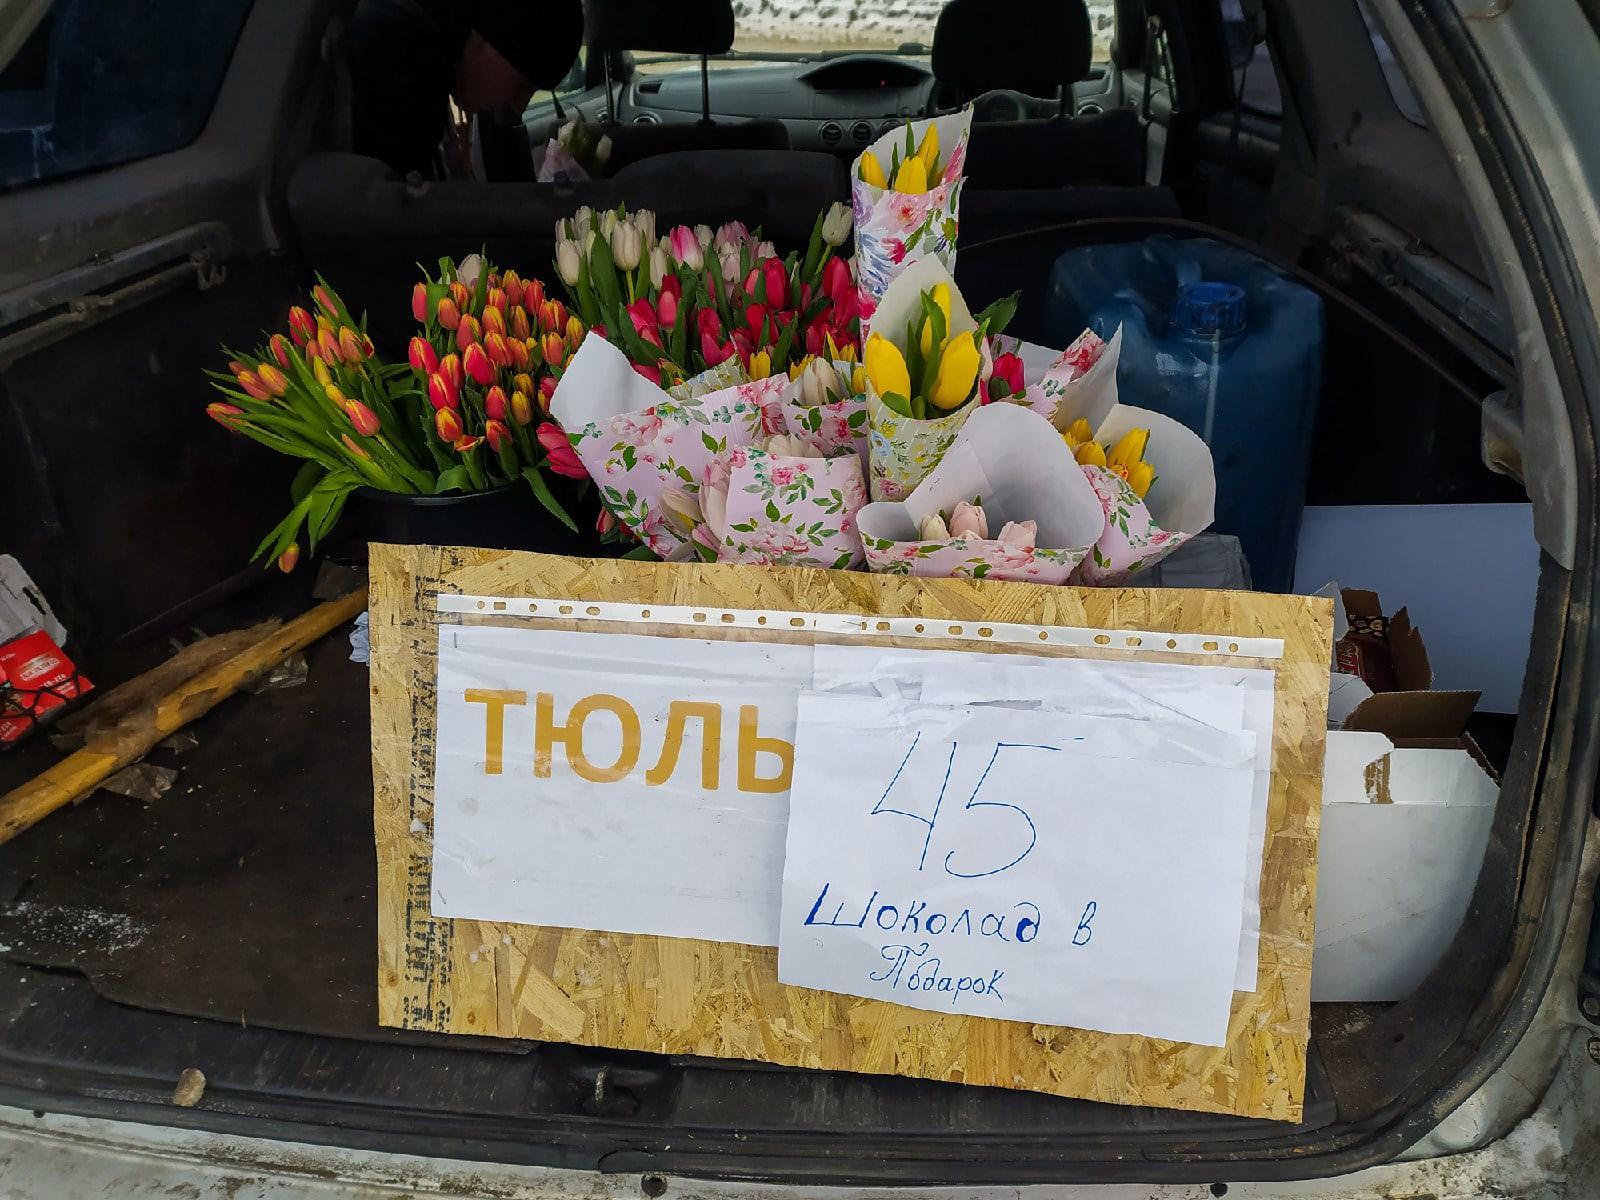 Фото Тюльпаны из багажника: торговцы рассказали о подорожании цветов к 8 Марта в Новосибирске 3